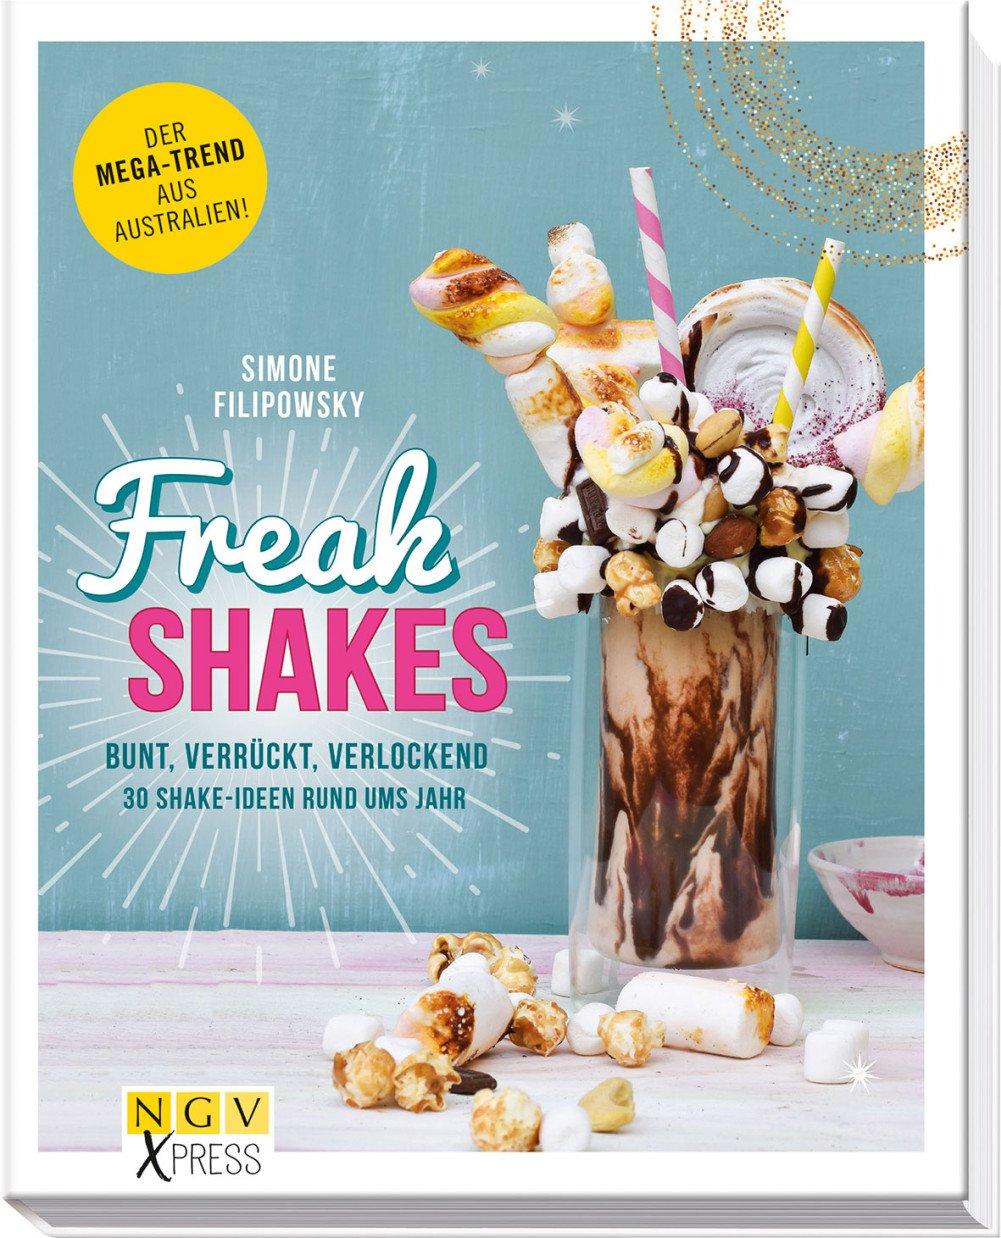 Freak Shakes: Bunt, verrückt, verlockend - 30 Shake-Ideen rund ums Jahr